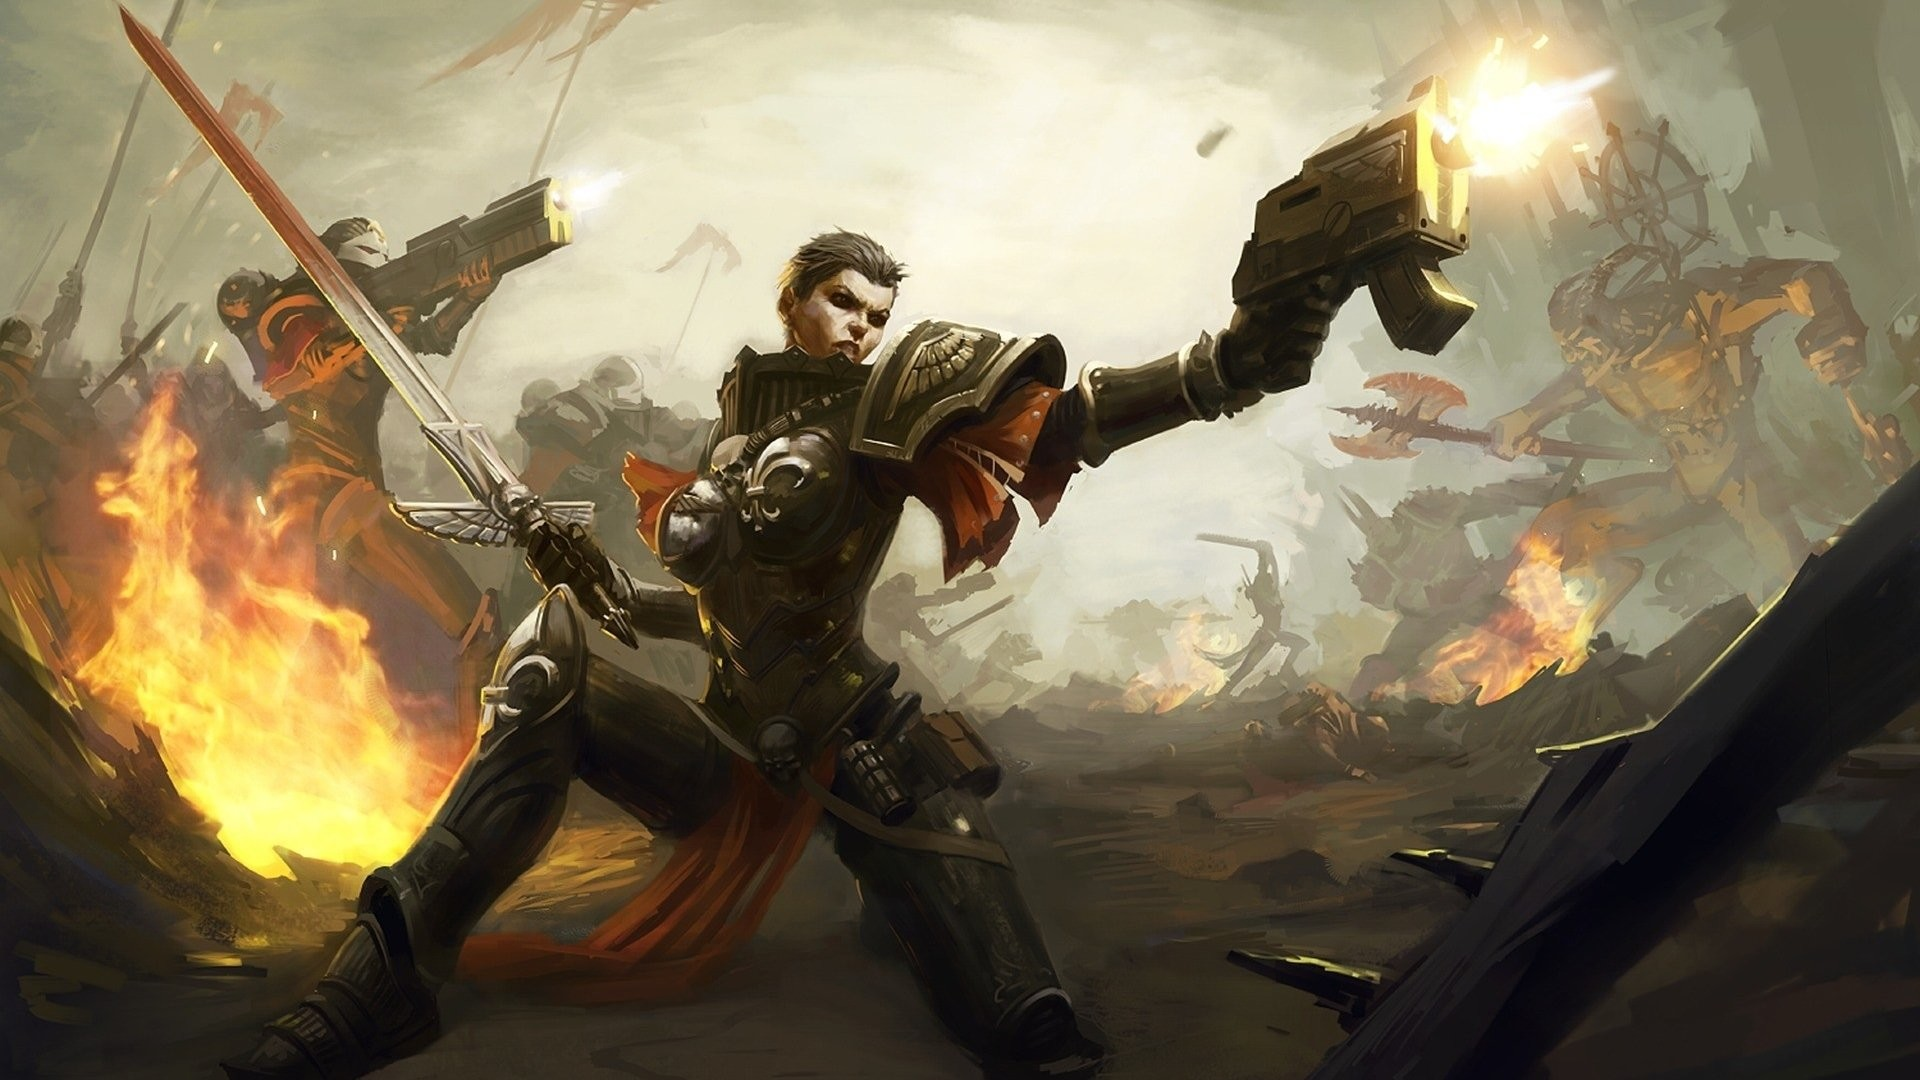 Video Game – Warhammer 40K Wallpaper